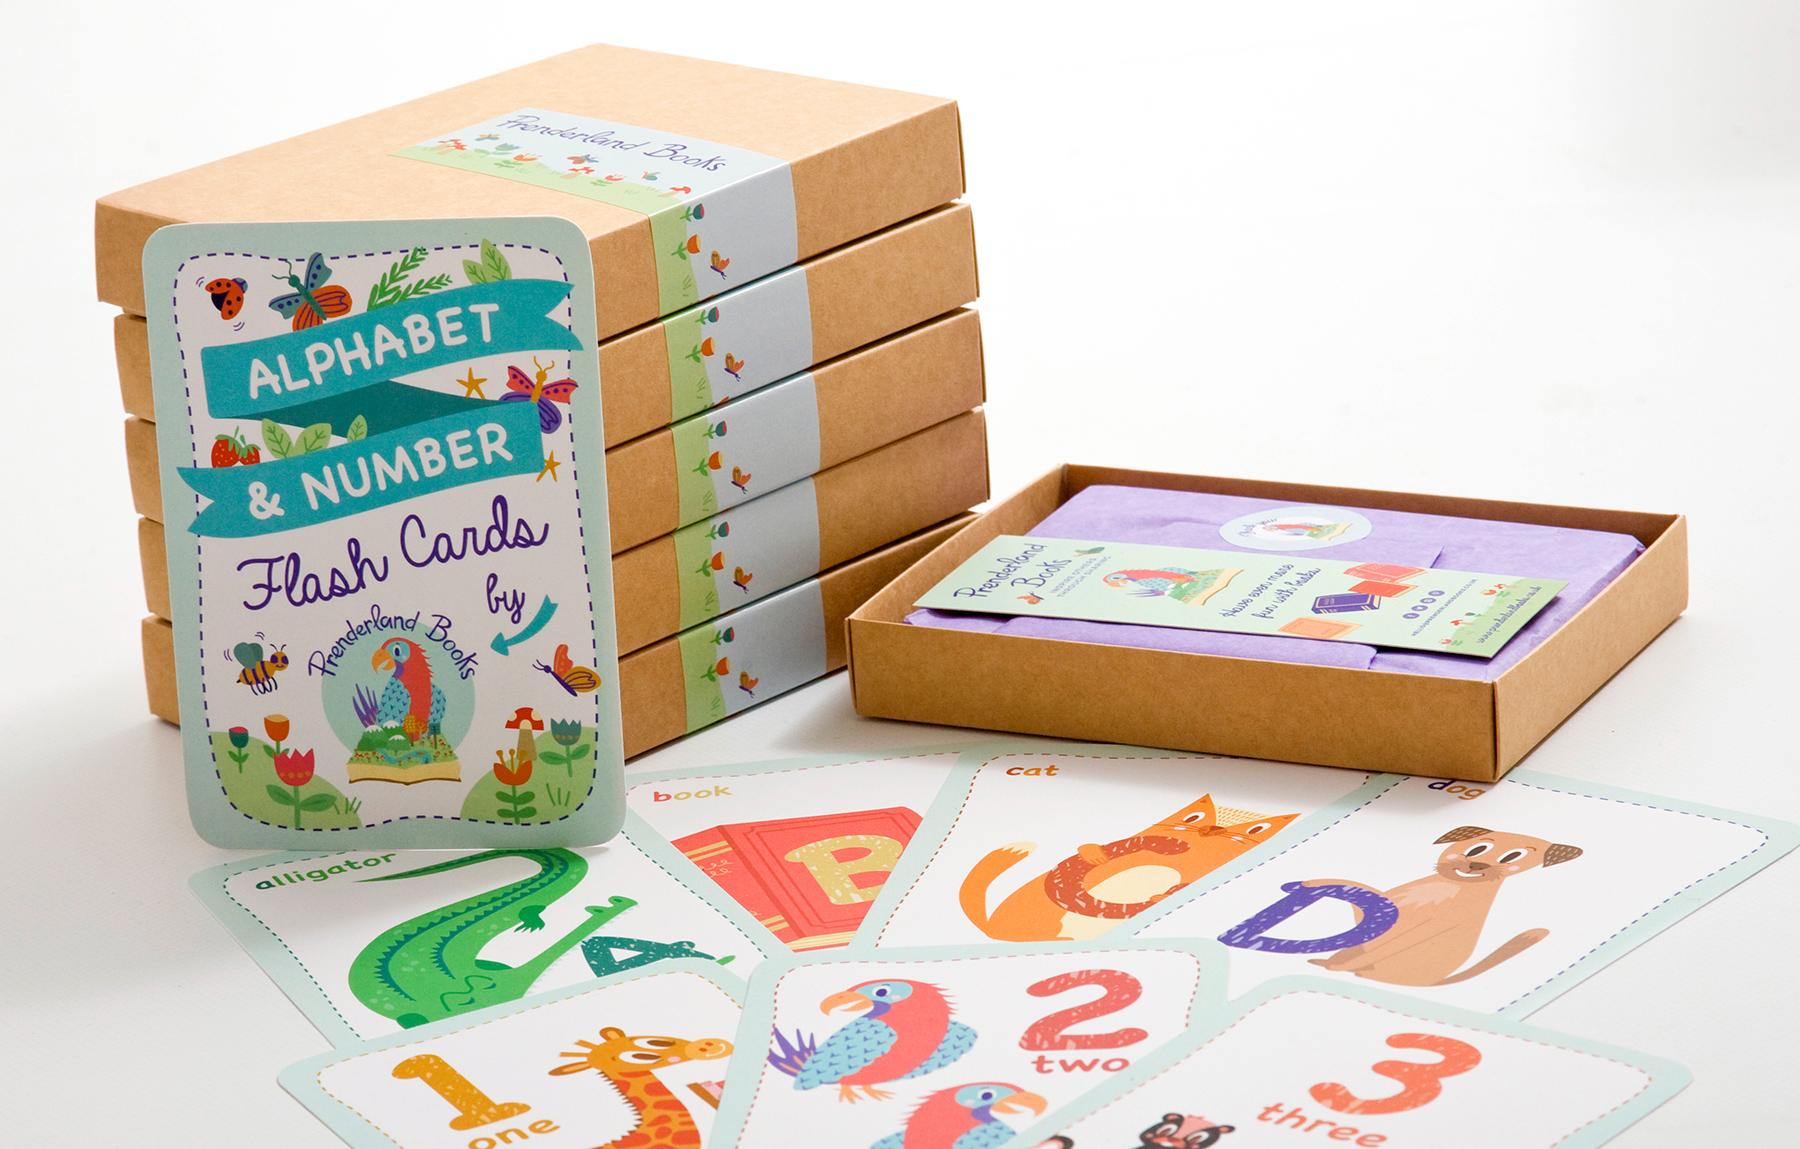 Carole_Chevalier-Prenderland-Books-9.jpg